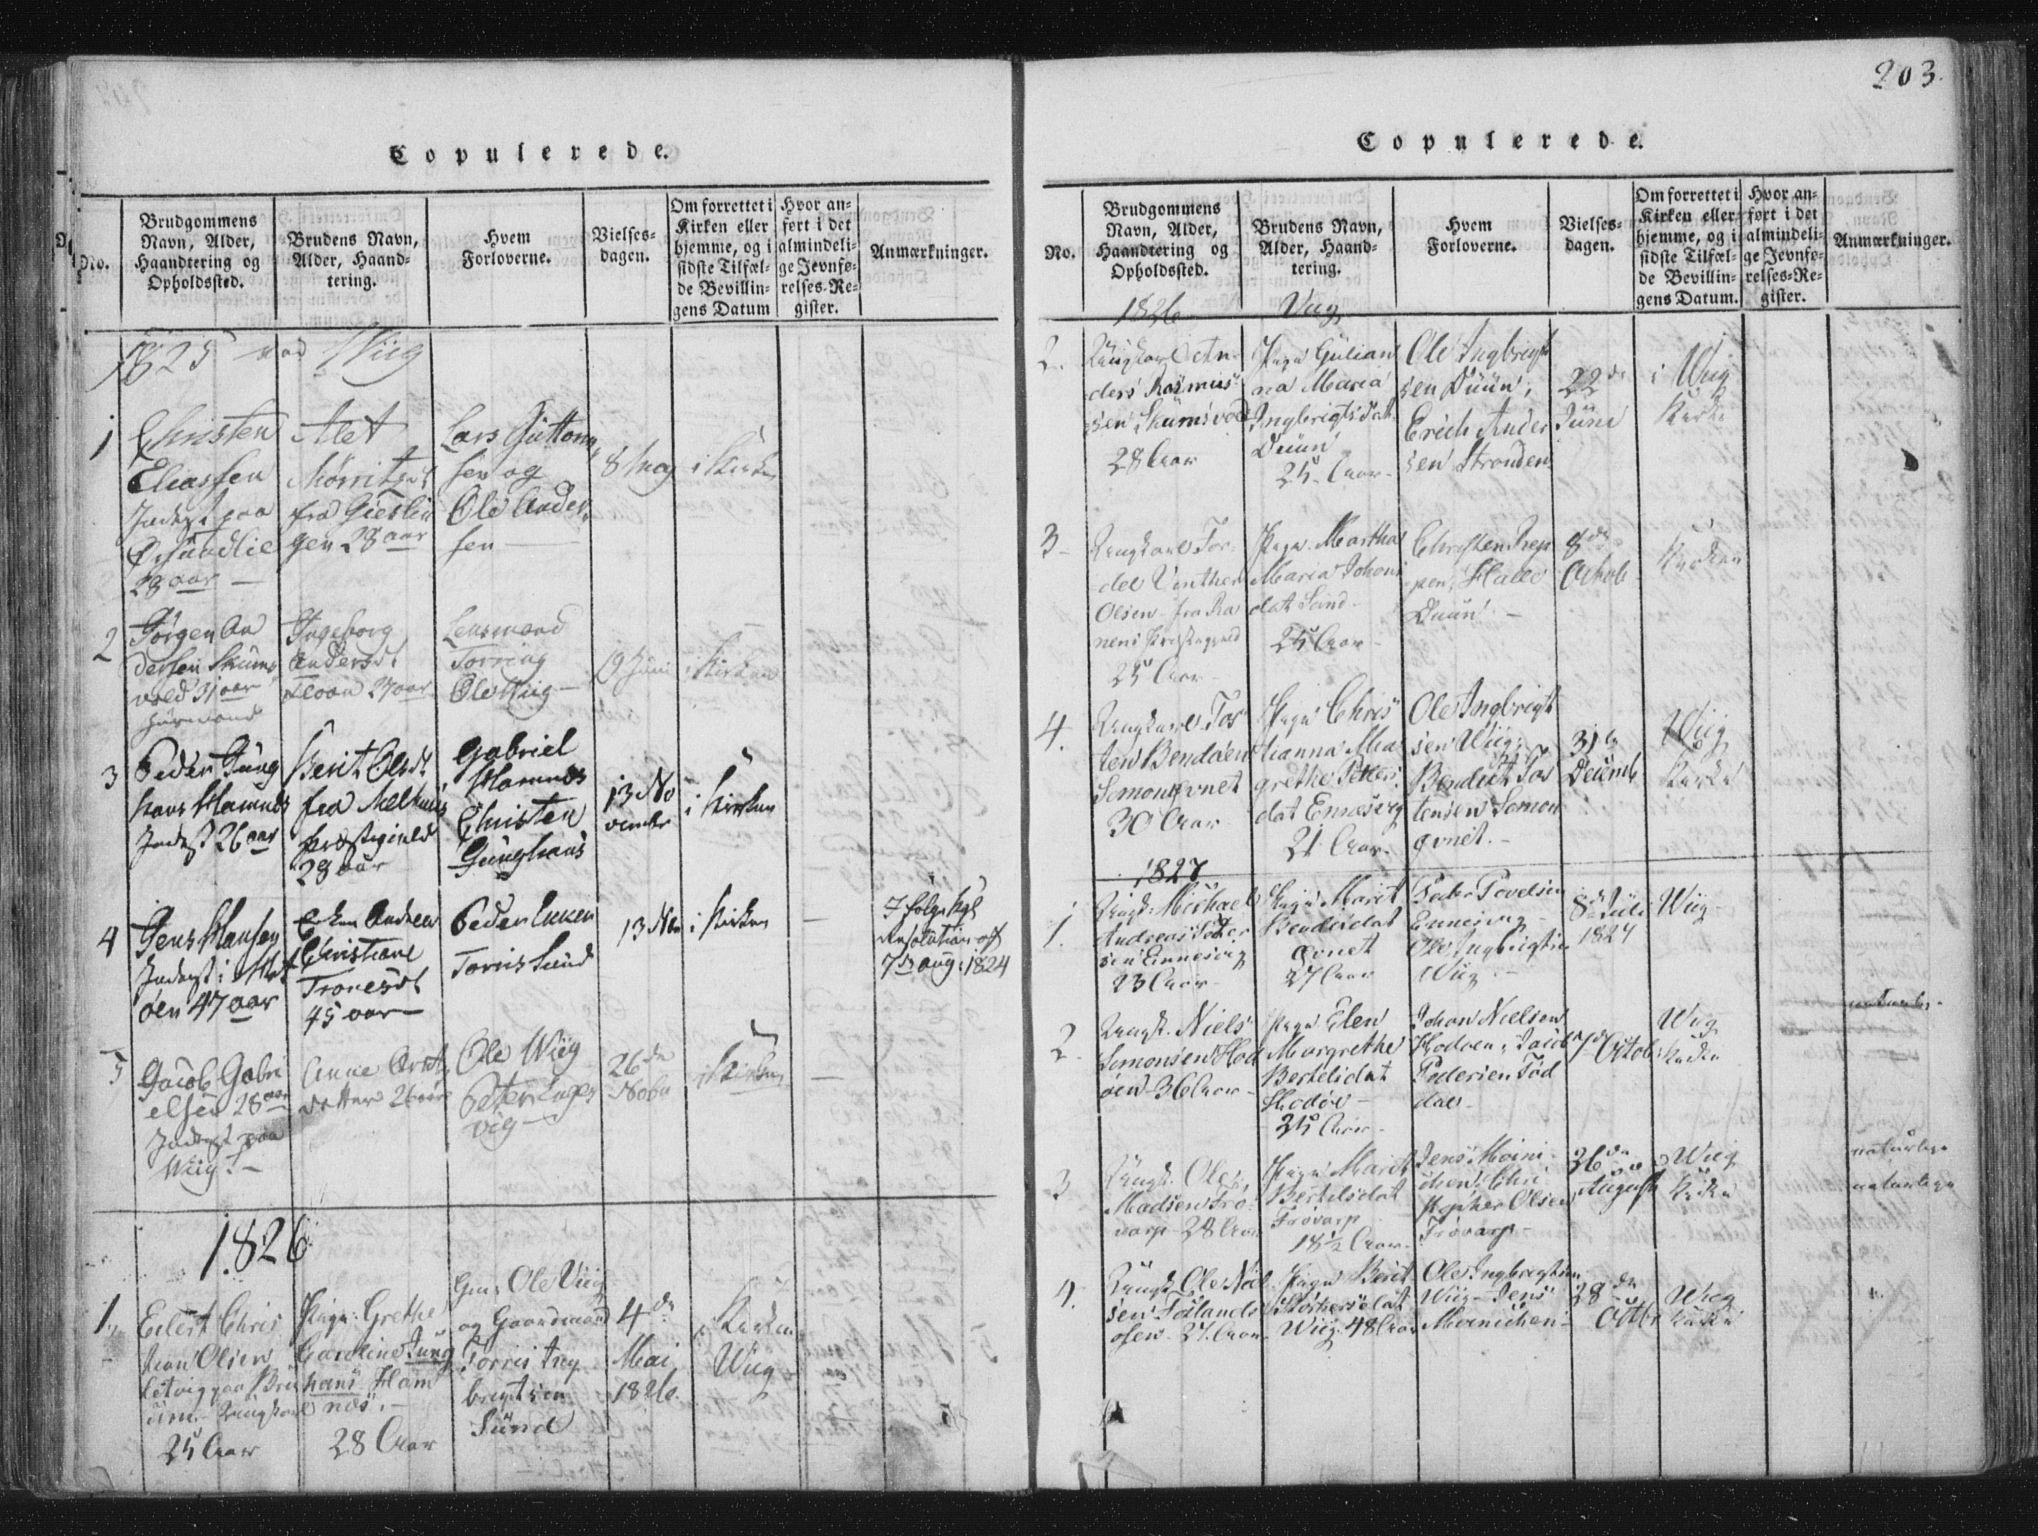 SAT, Ministerialprotokoller, klokkerbøker og fødselsregistre - Nord-Trøndelag, 773/L0609: Ministerialbok nr. 773A03 /2, 1815-1830, s. 203